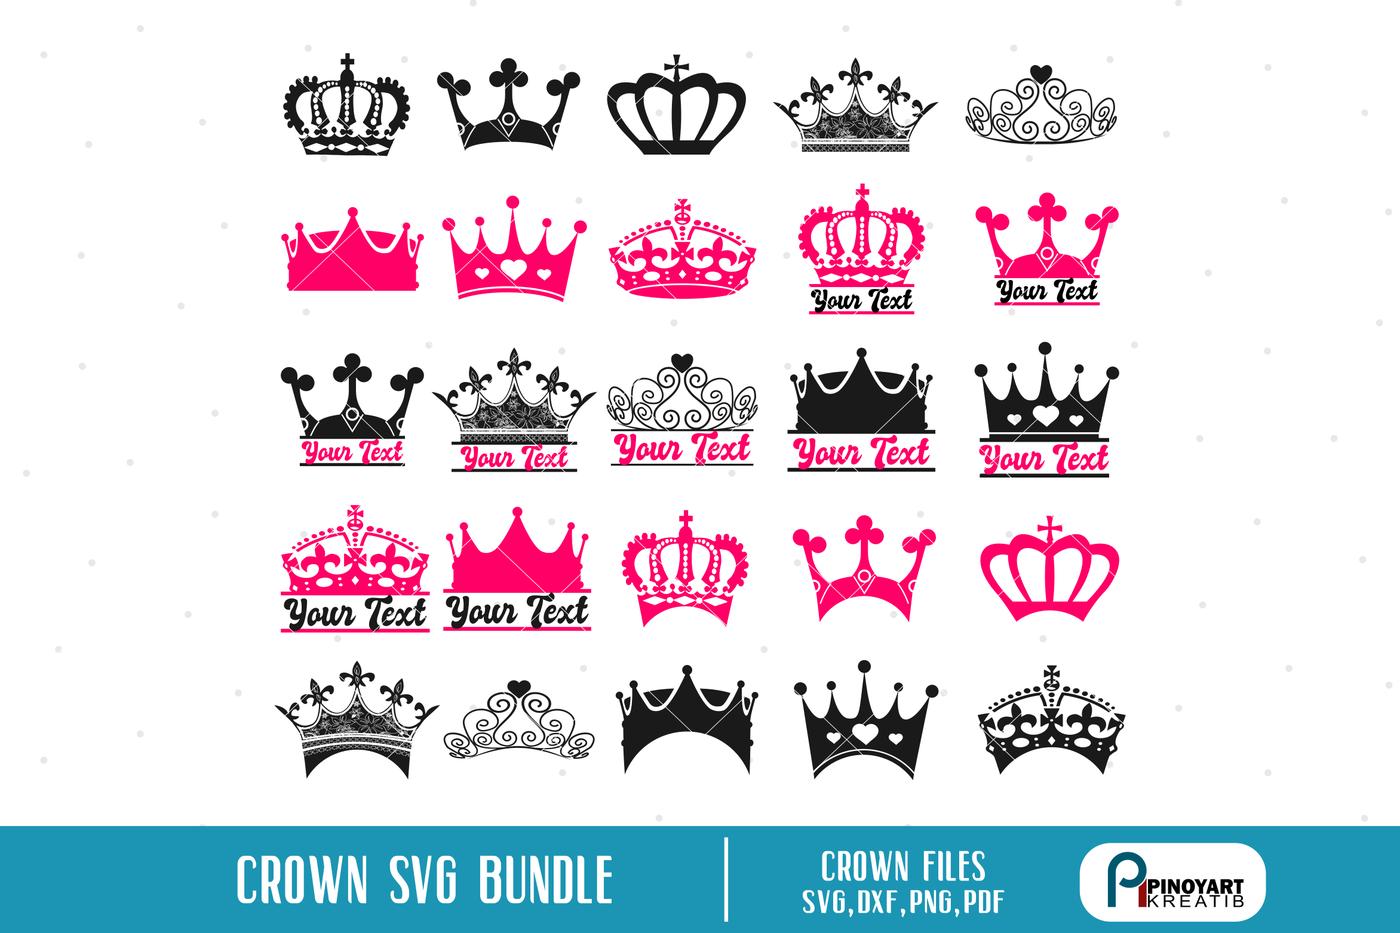 crown svg,crown dxf,crown png,crown pdf,crown vector,crown.